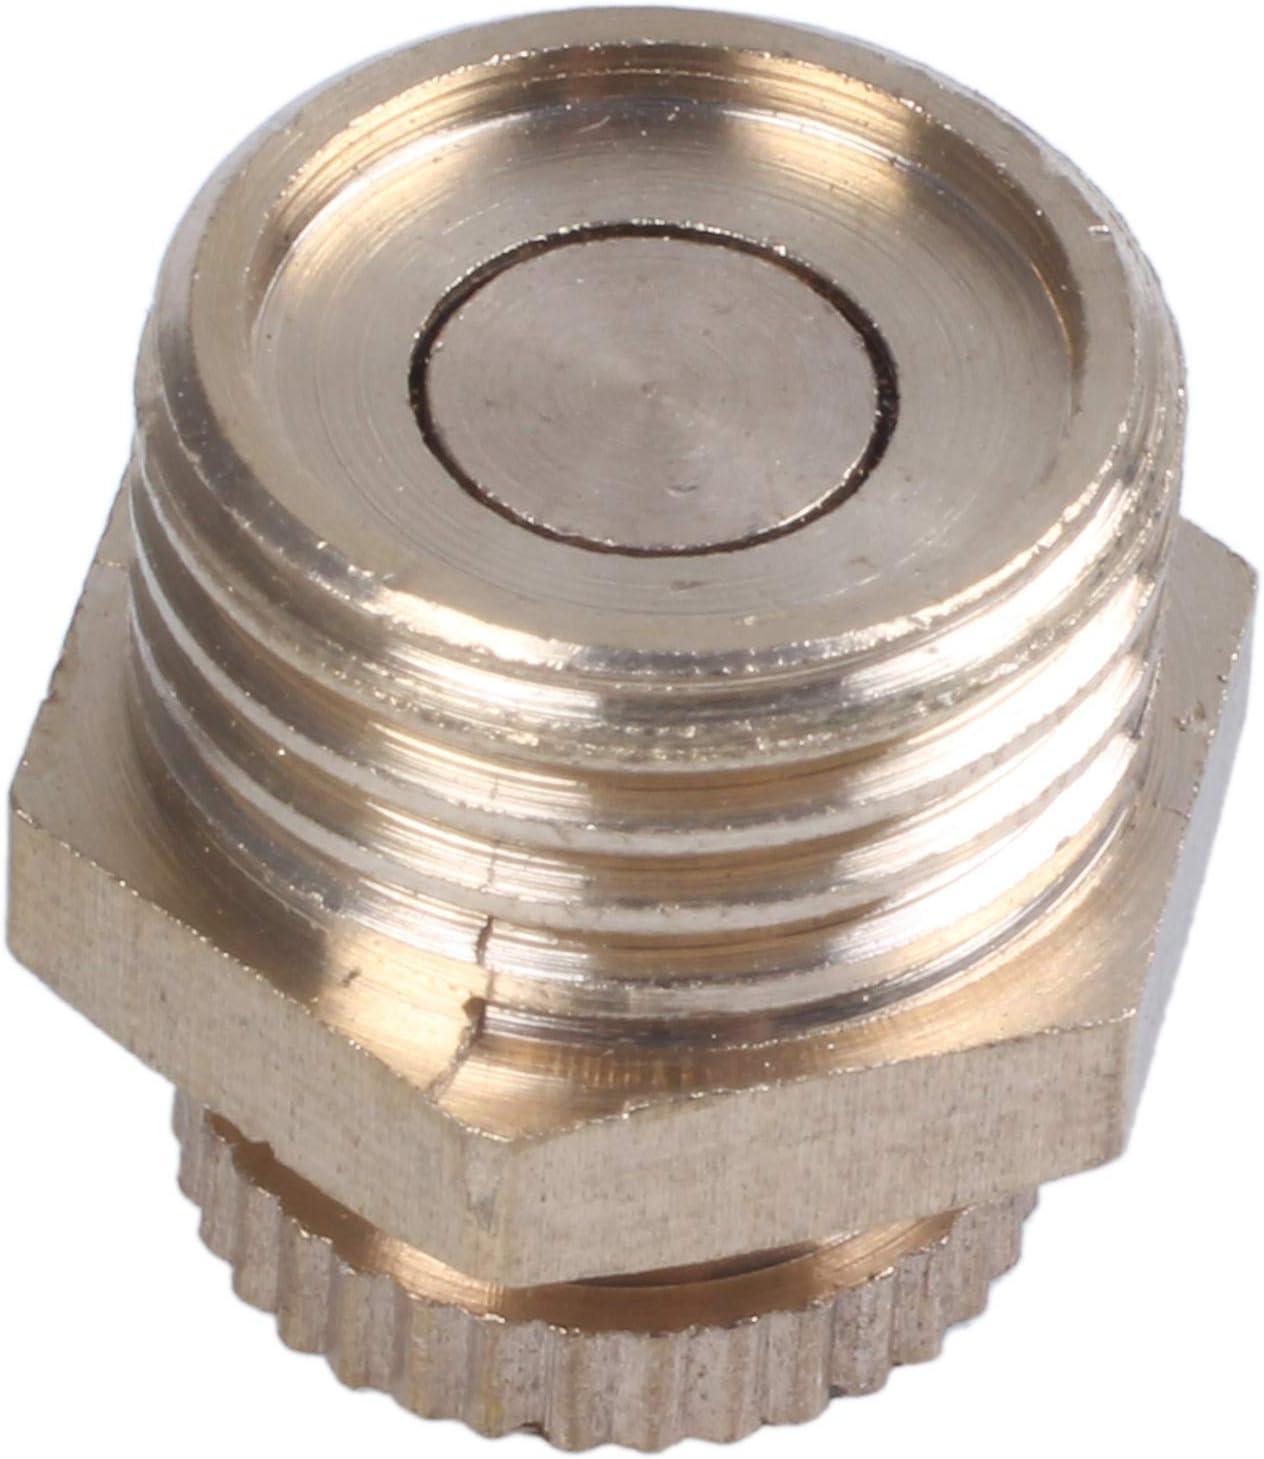 WOVELOT 2 pcs 1//4 PT filetage en metal soupape de vidange de l/'eau pour Compresseur d/'air or